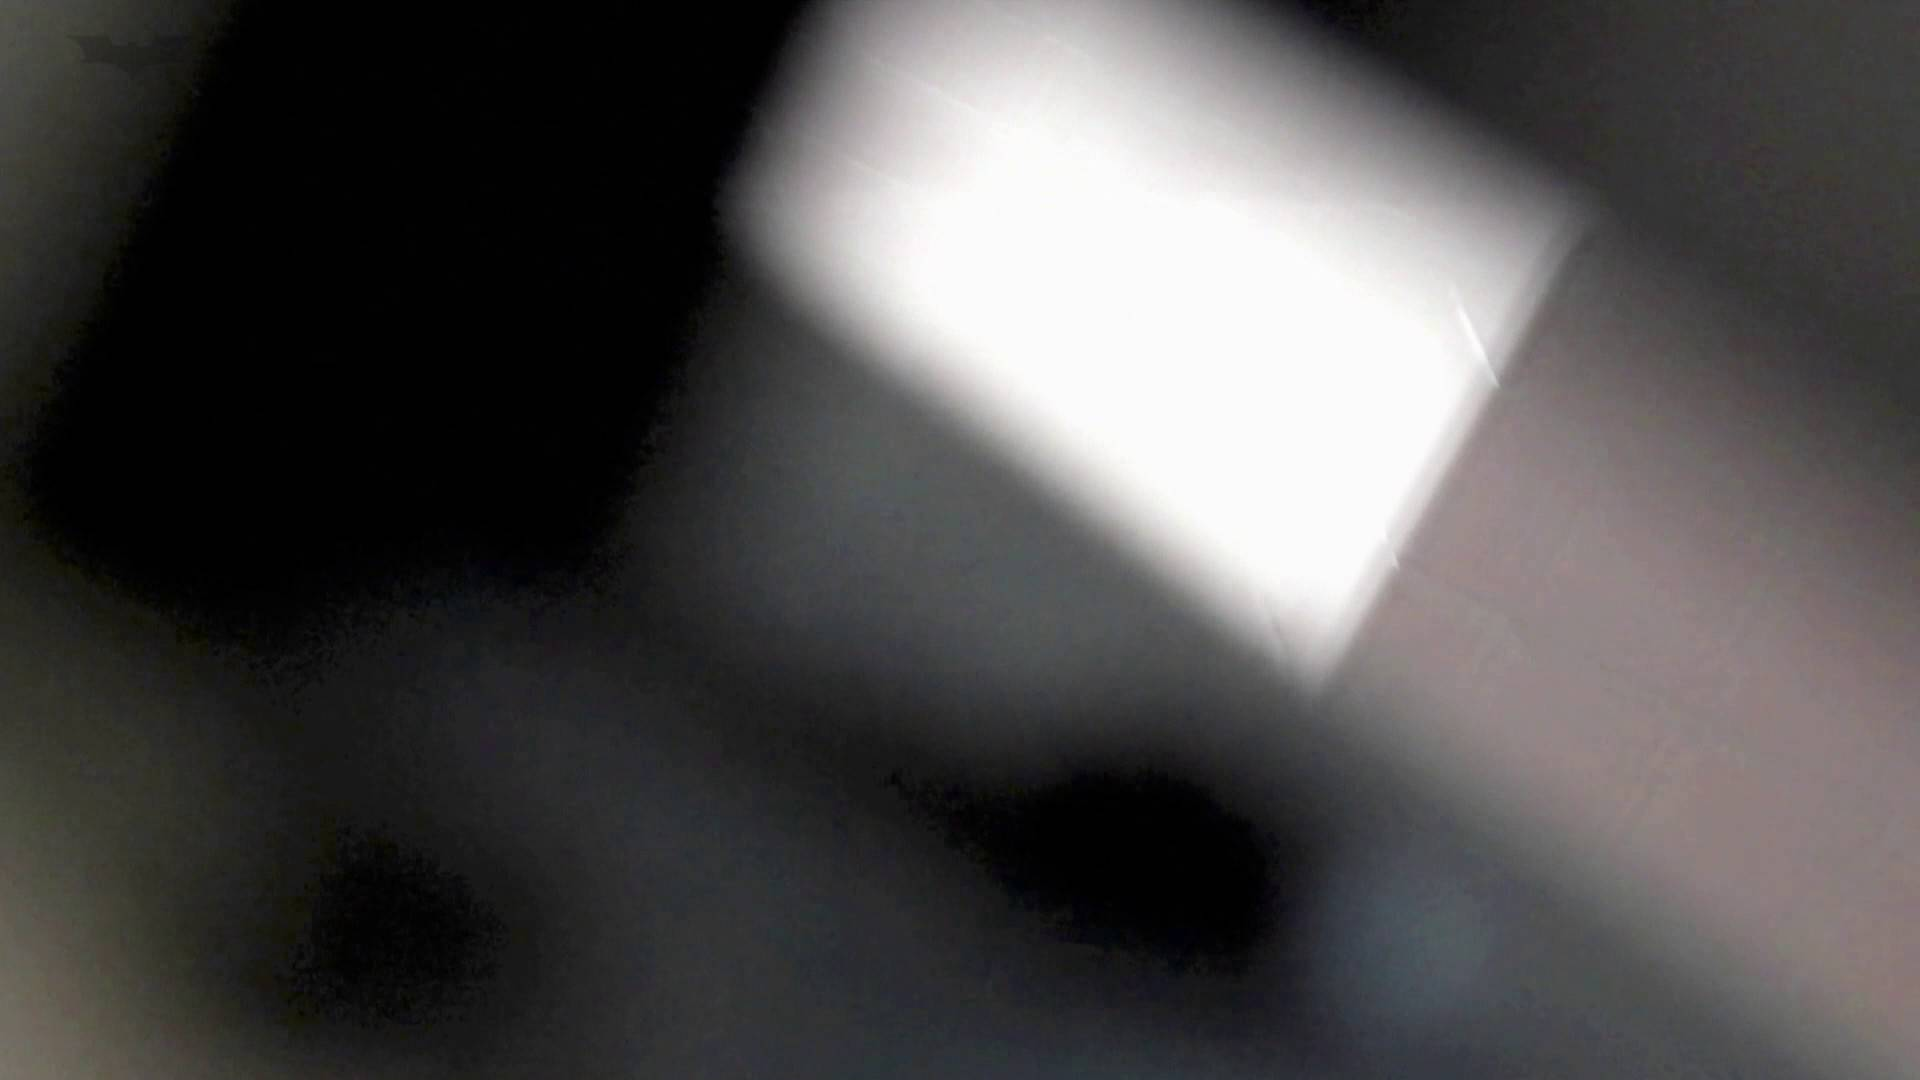 ▲復活限定▲マンコ丸見え!花火大会潜入撮Vol.01夏特番! 花火大会撮りおろし 潜入エロ調査   OL  54連発 53